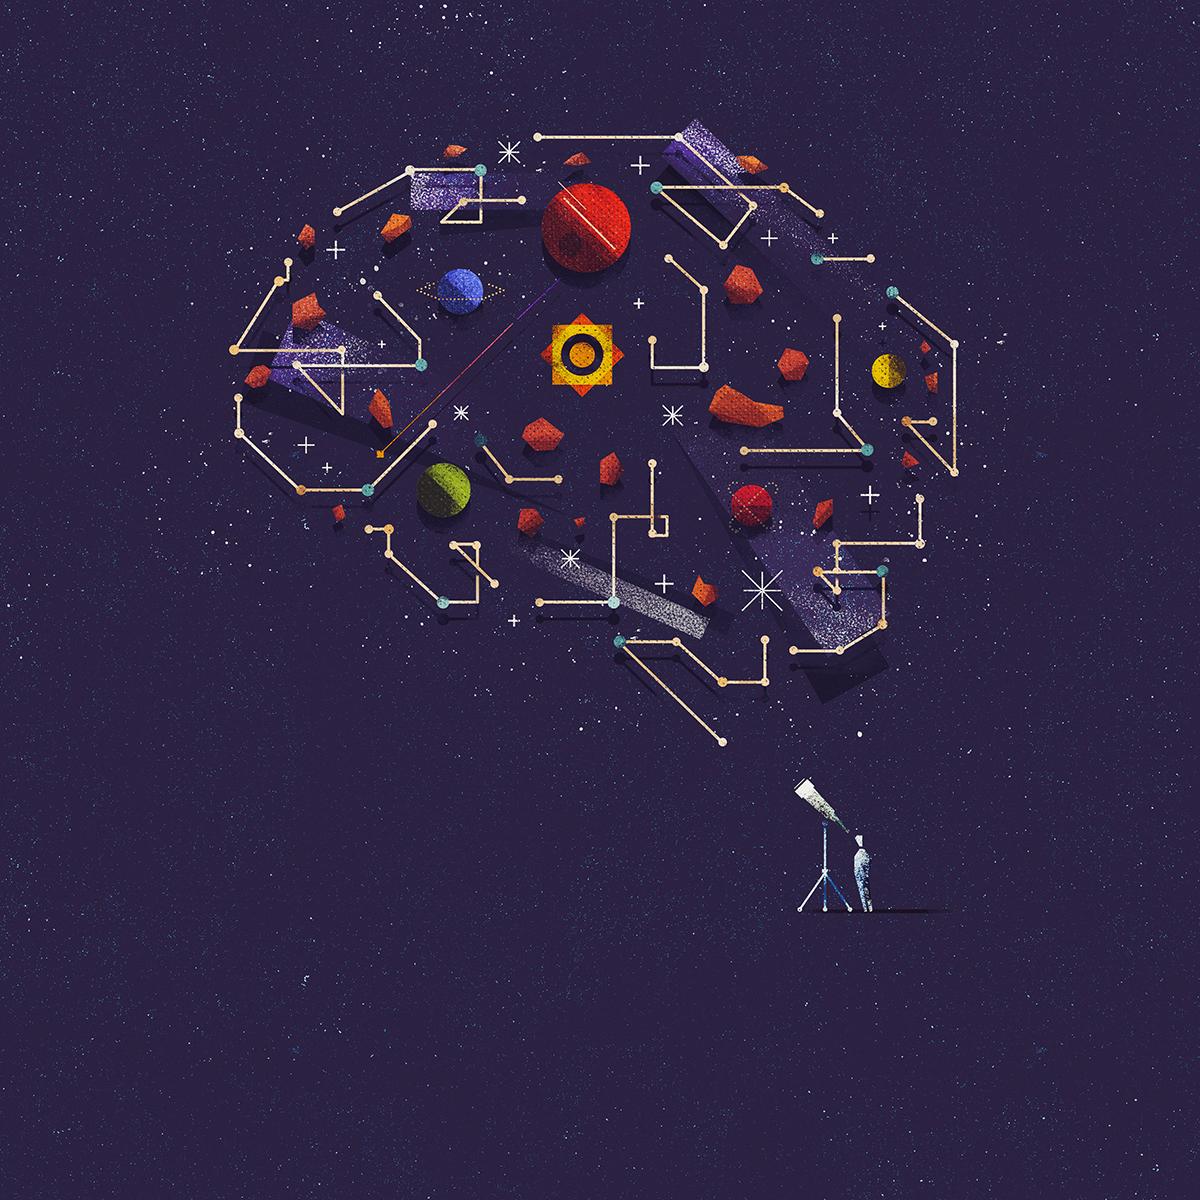 Space-Brain-7-17-2014_o